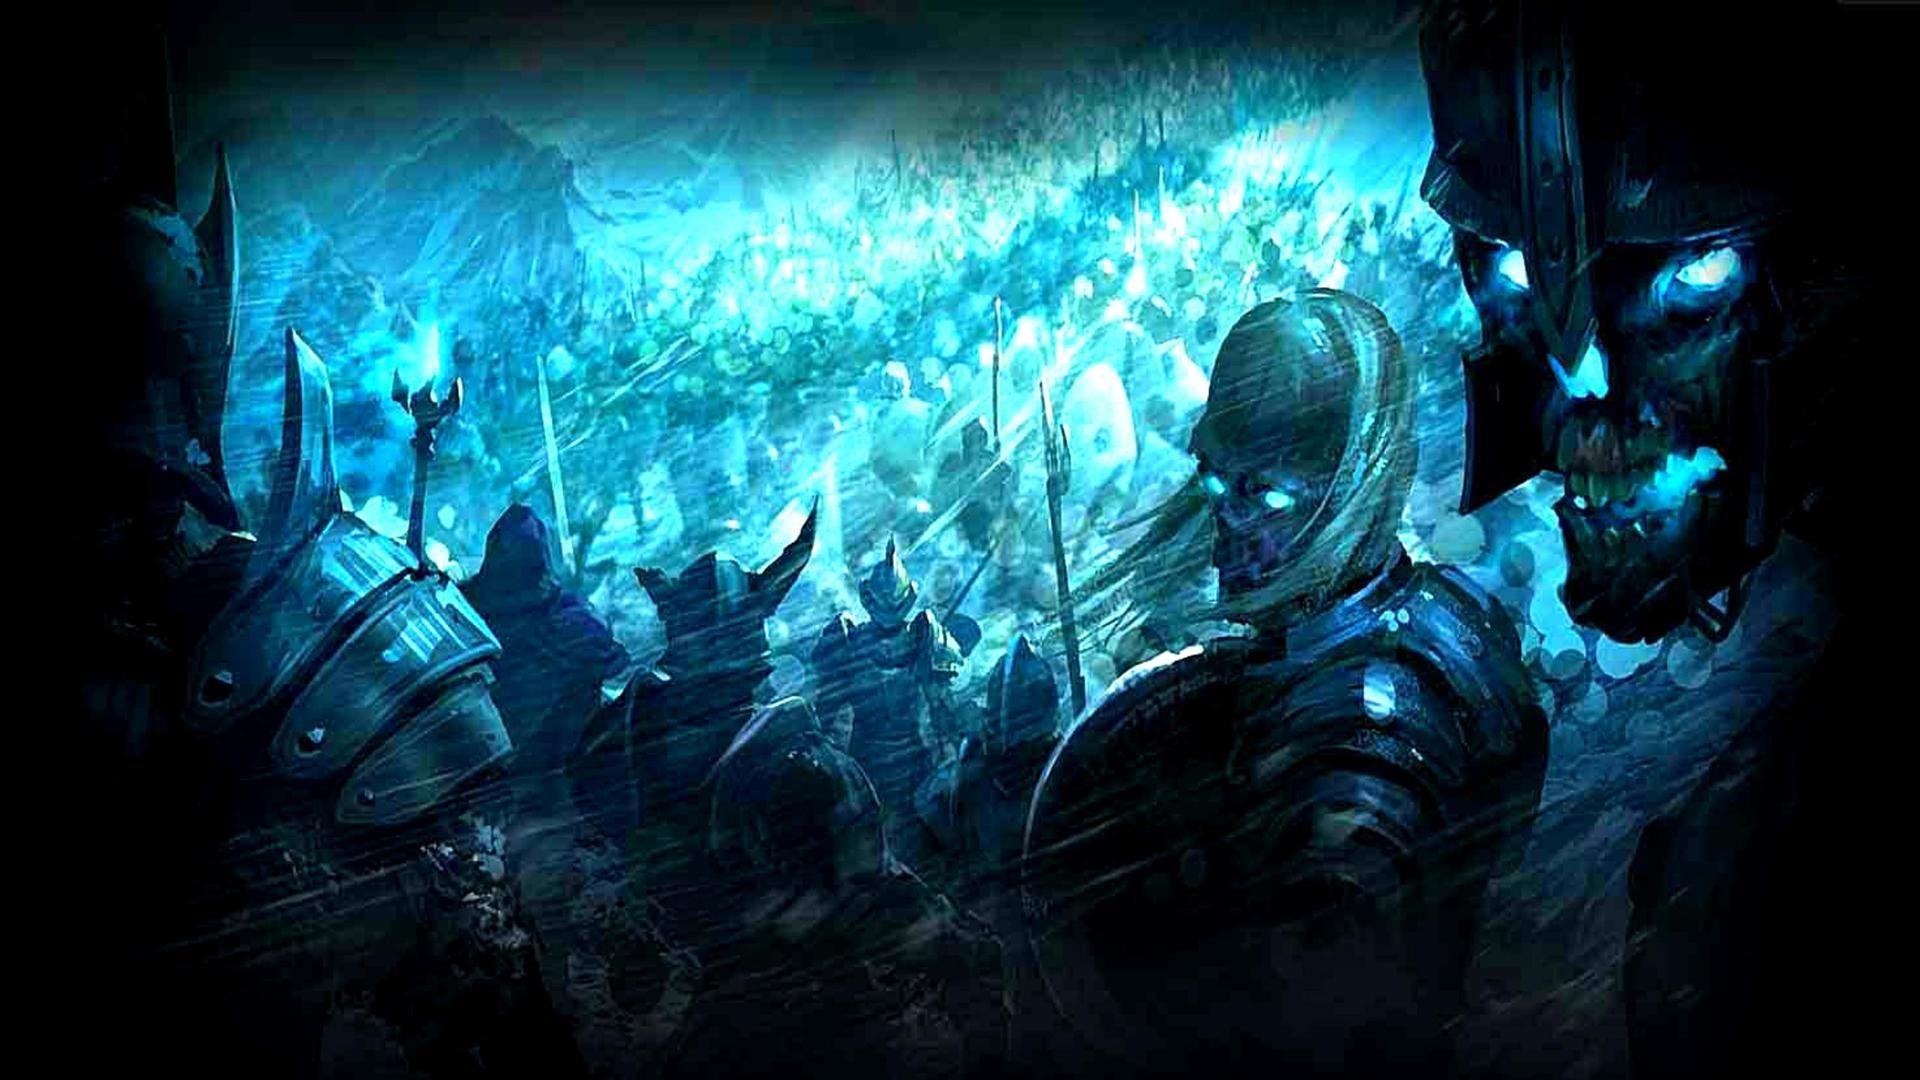 Los primeros movimientos de Arthas al despertar son atacar a la Alianza y a la Horda. ¿Cómo lo hace?